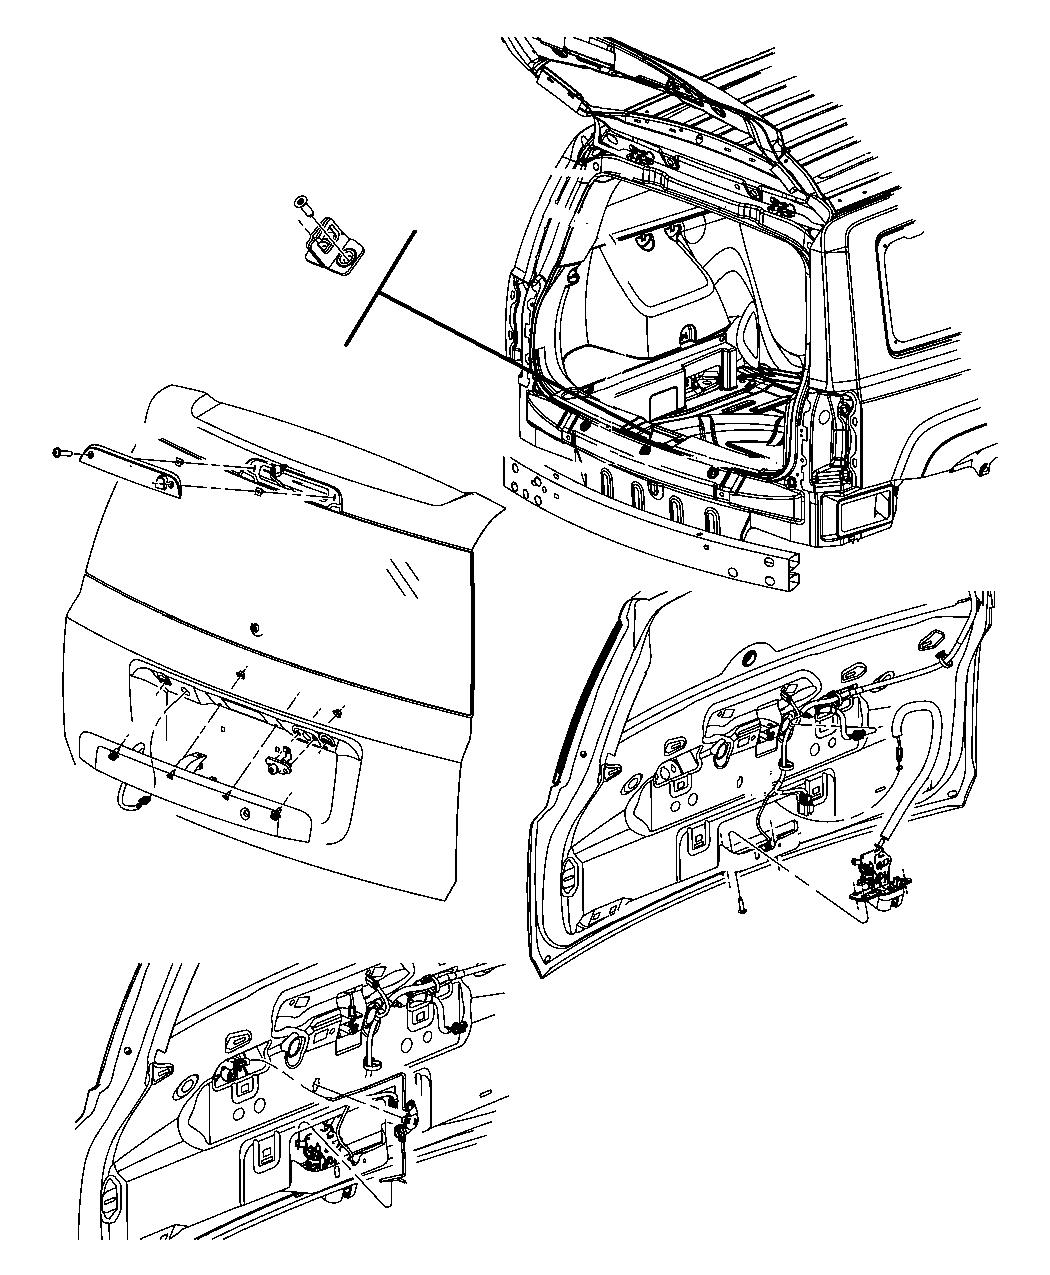 Nissan Pathfinder Headlight Wiring Diagram